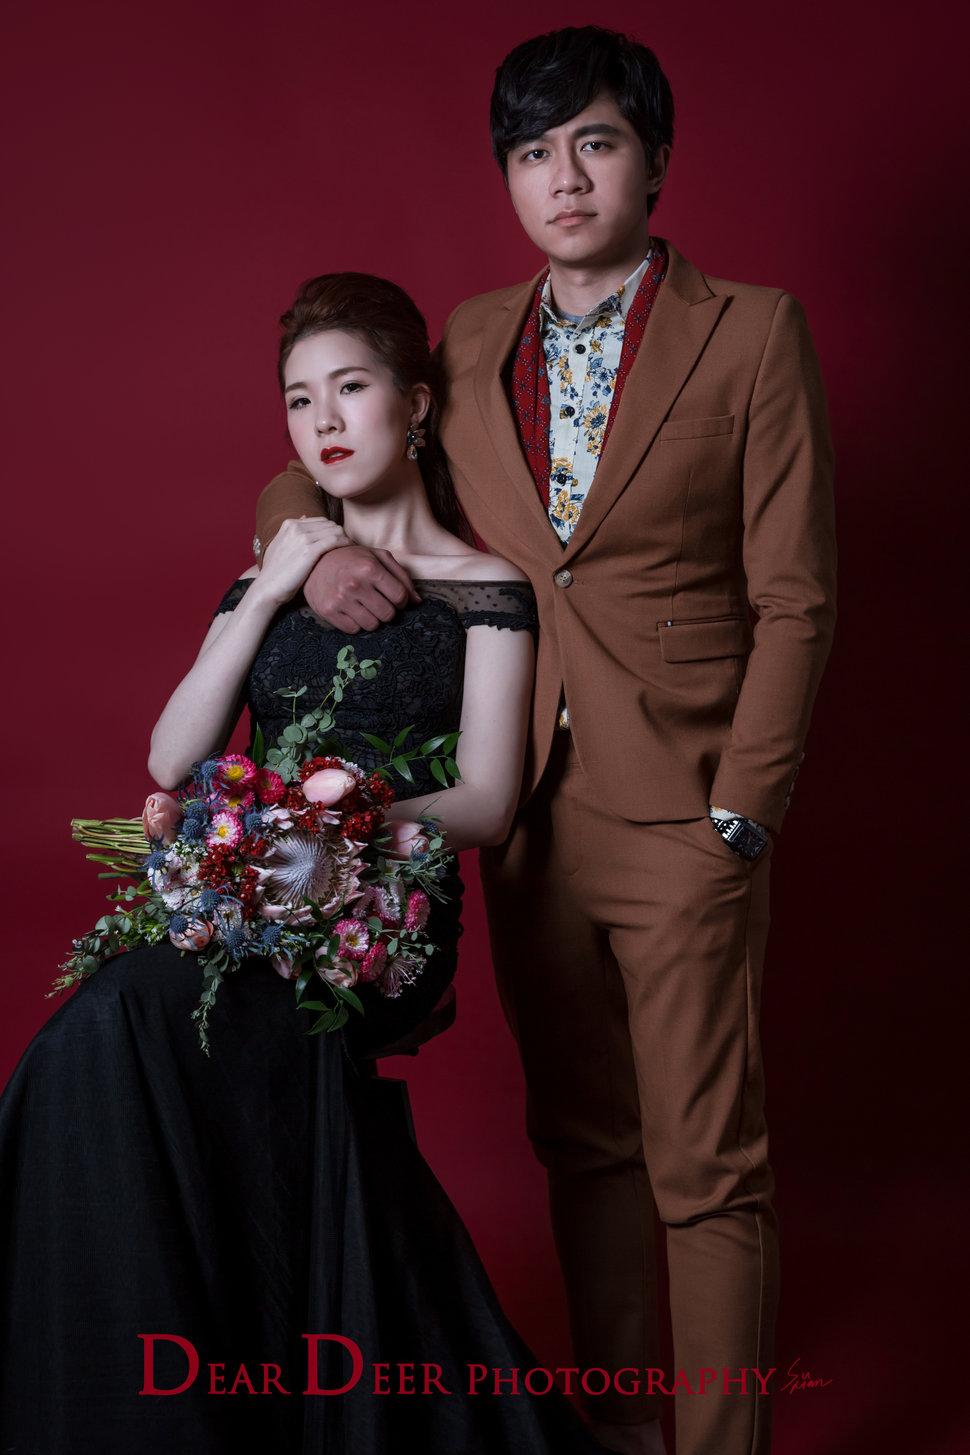 Dear Deer|Vogue時尚雜誌風(編號:1280460) - Dear Deer鹿兒攝影|女攝影師蘇蔓 - 結婚吧